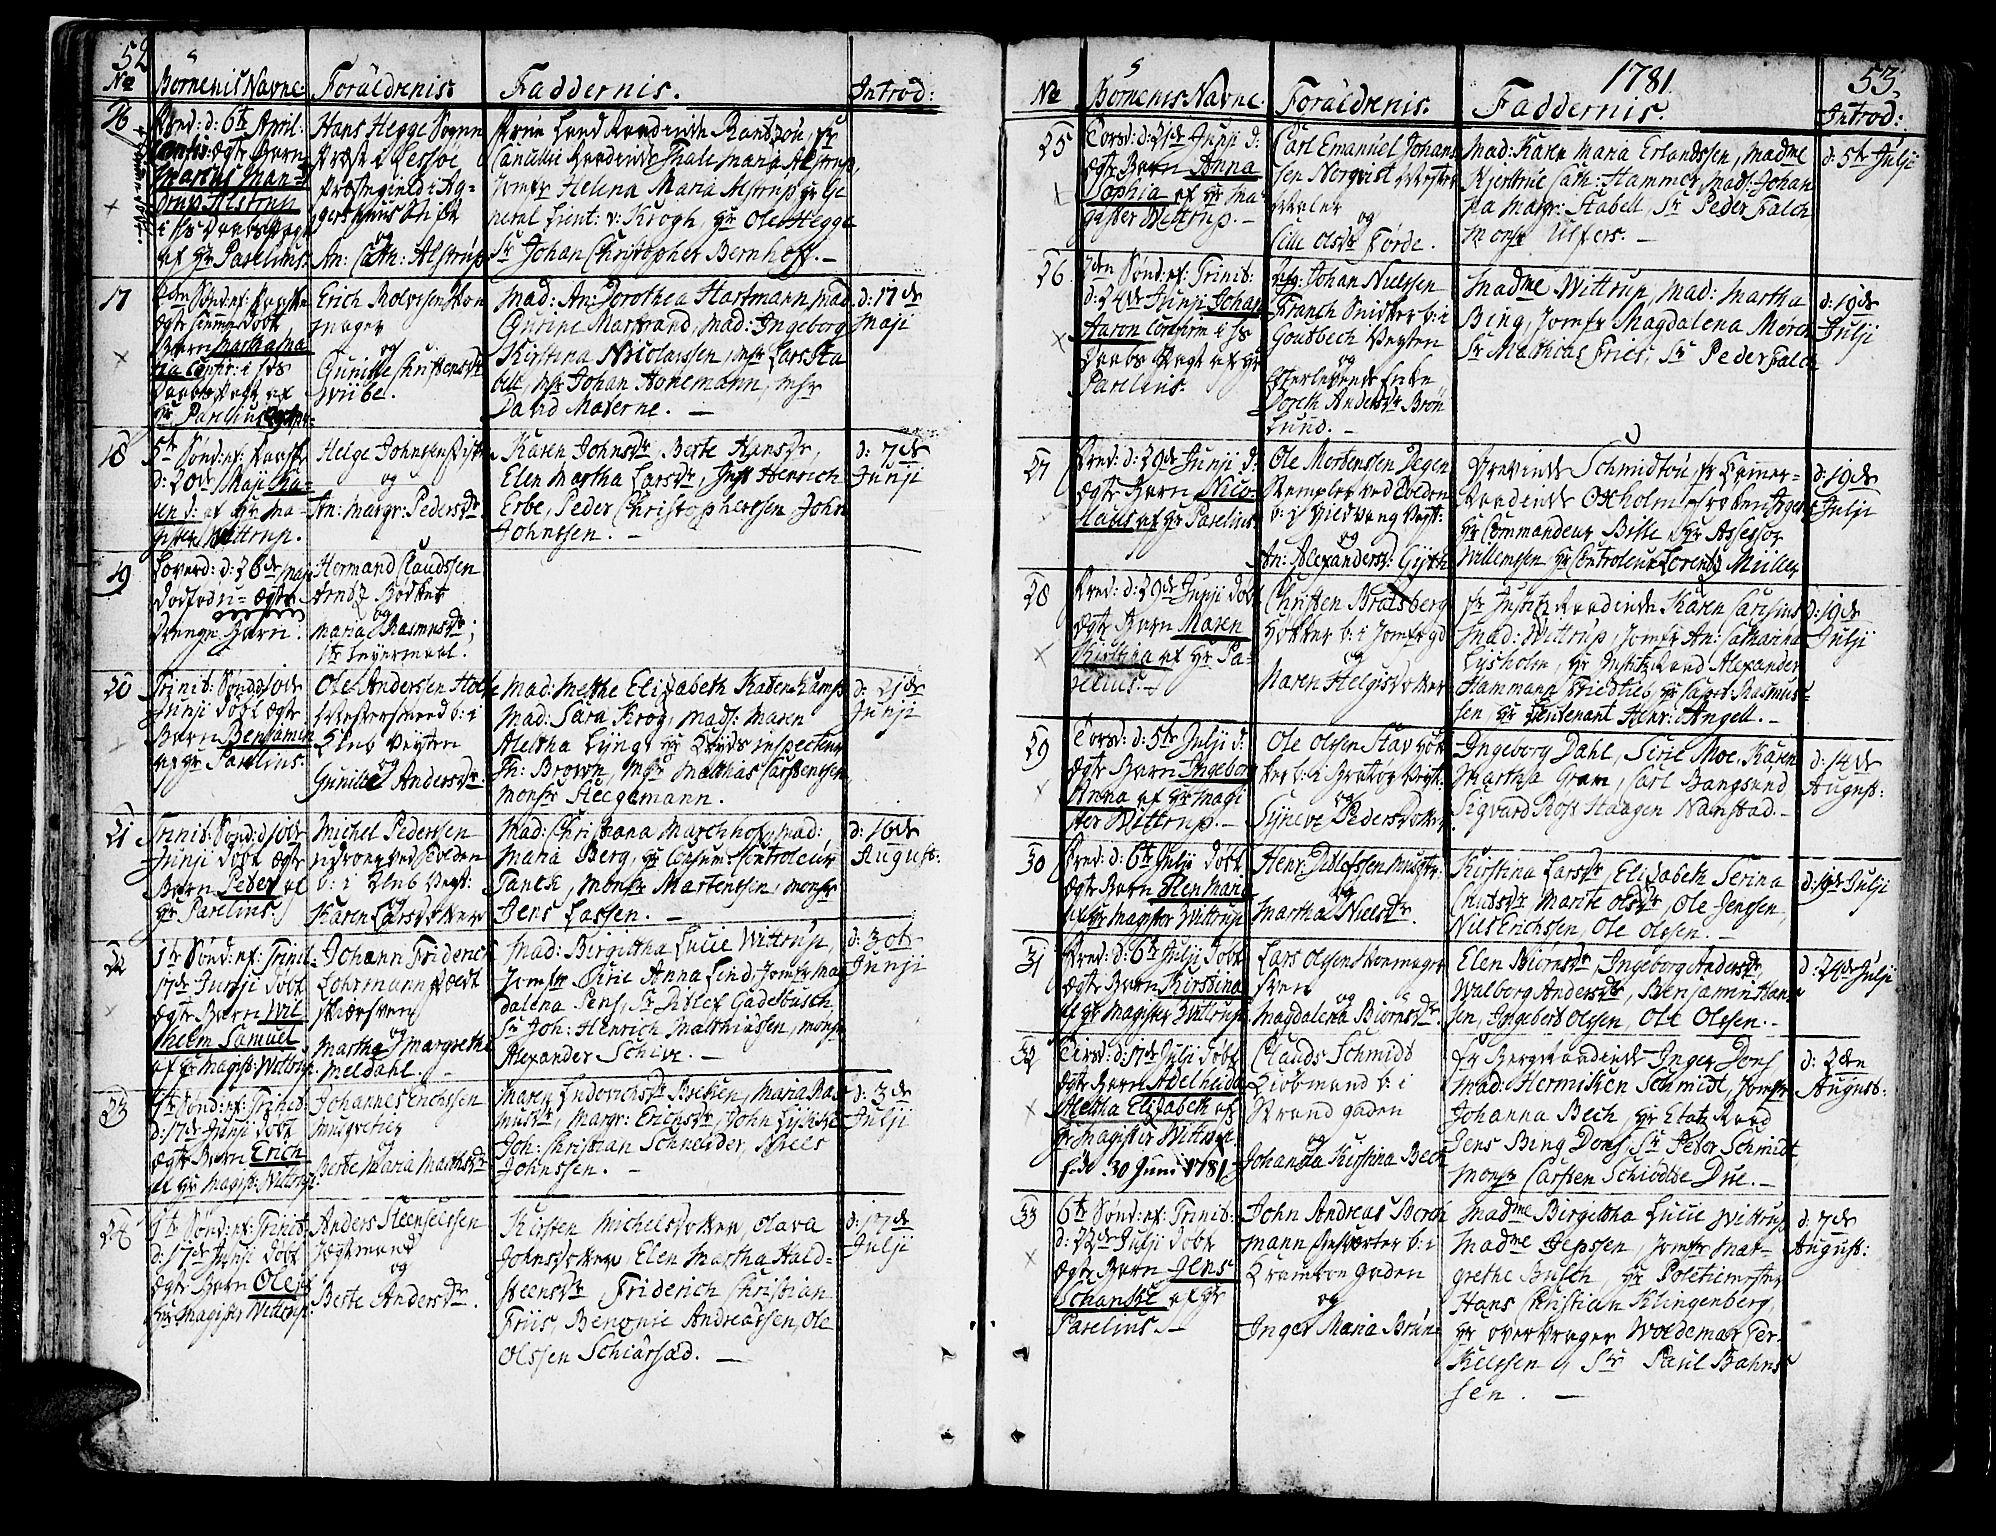 SAT, Ministerialprotokoller, klokkerbøker og fødselsregistre - Sør-Trøndelag, 602/L0104: Ministerialbok nr. 602A02, 1774-1814, s. 52-53